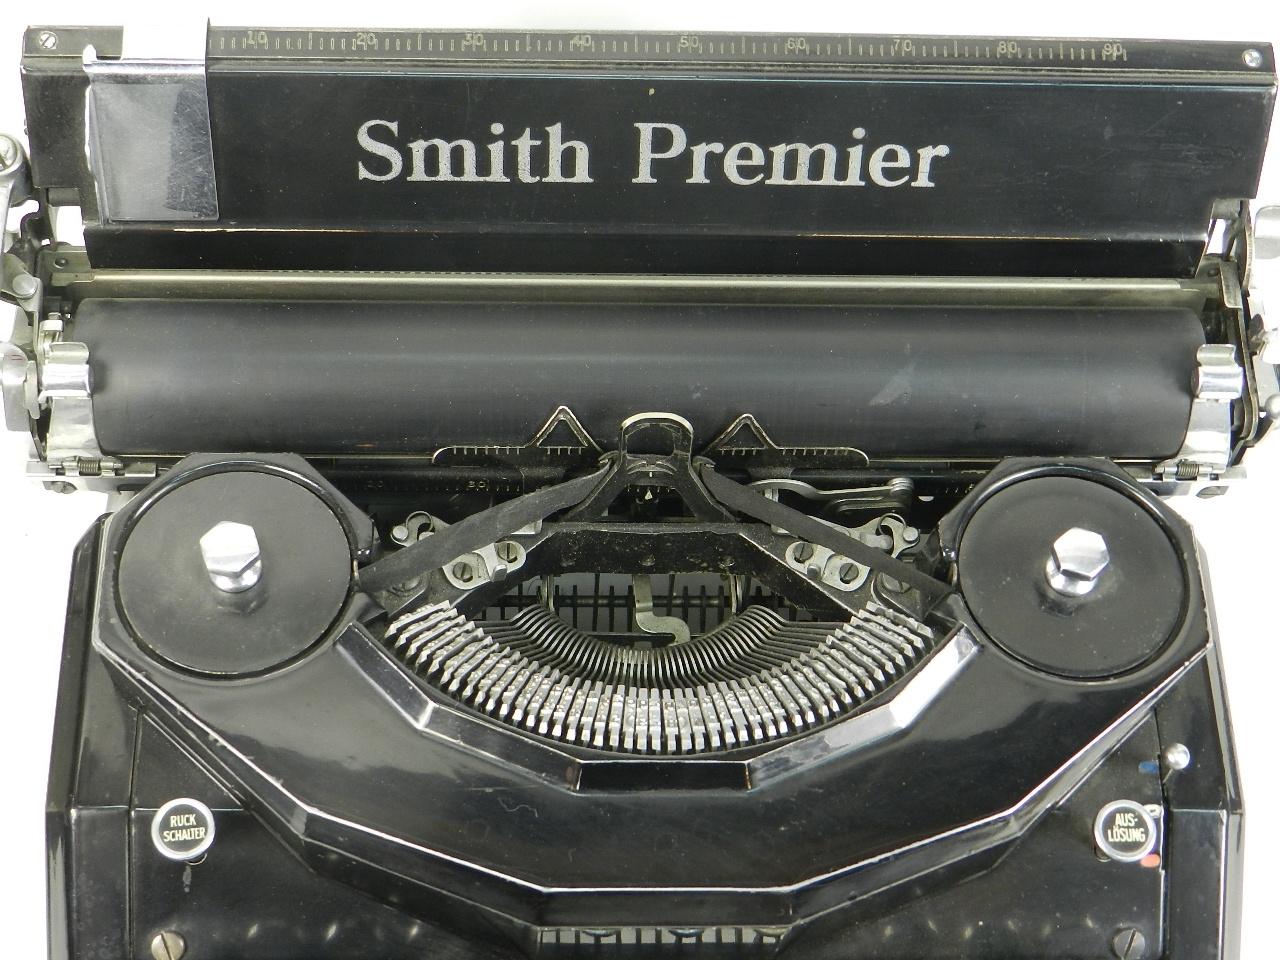 Imagen SMITH PREMIER NOISELESS 81 AÑO 1935 30188